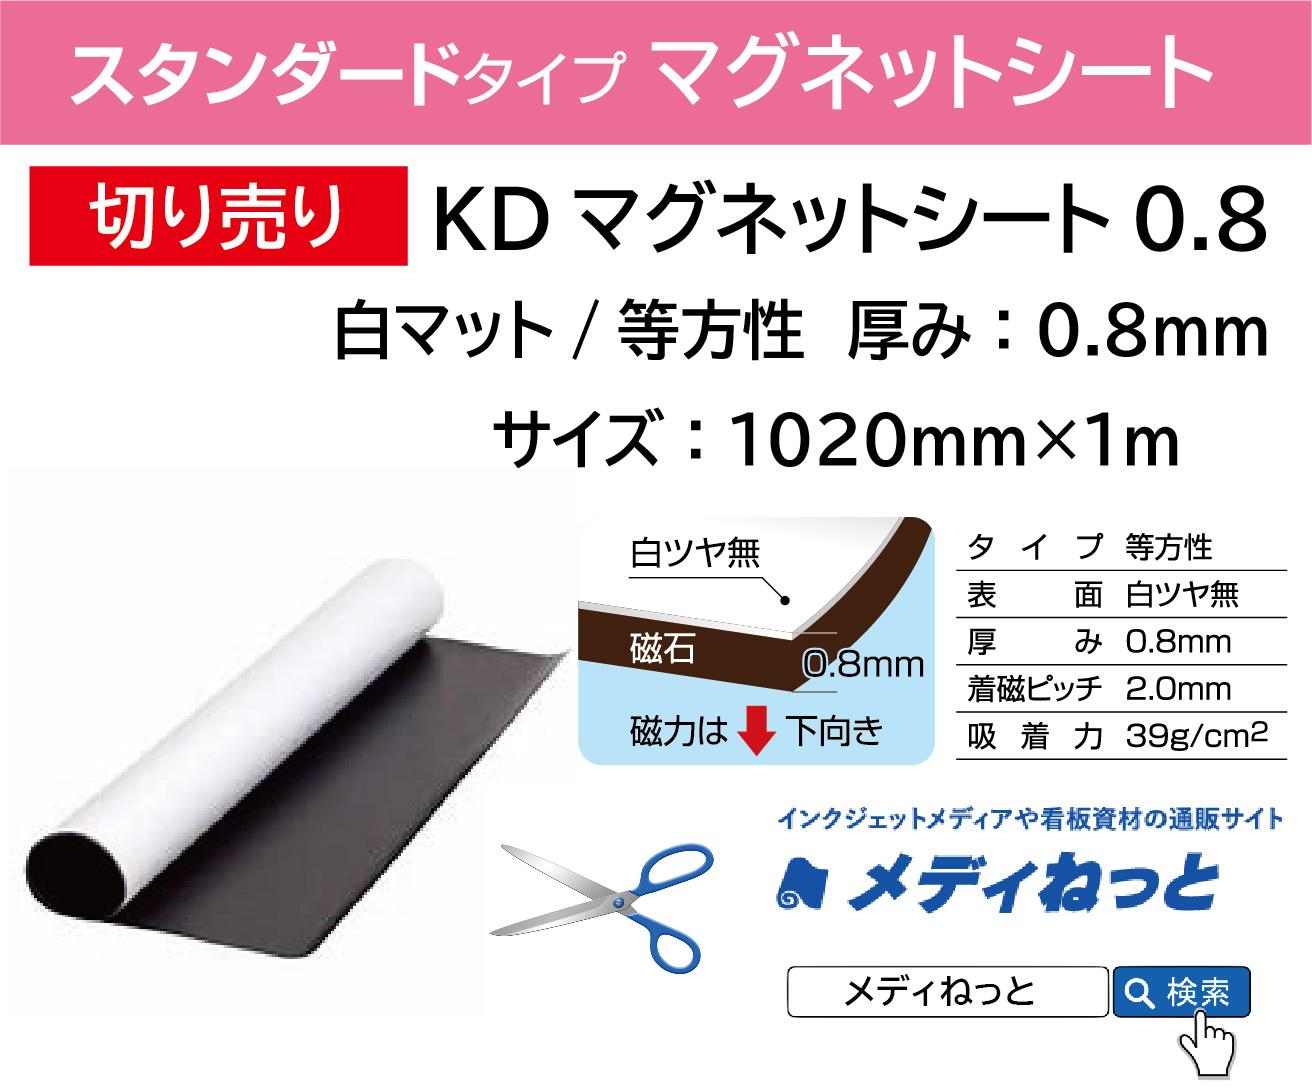 【切り売り】KDマグネットシート0.8(白マット/等方性) 厚み:0.8mm/サイズ:1020mm×1M